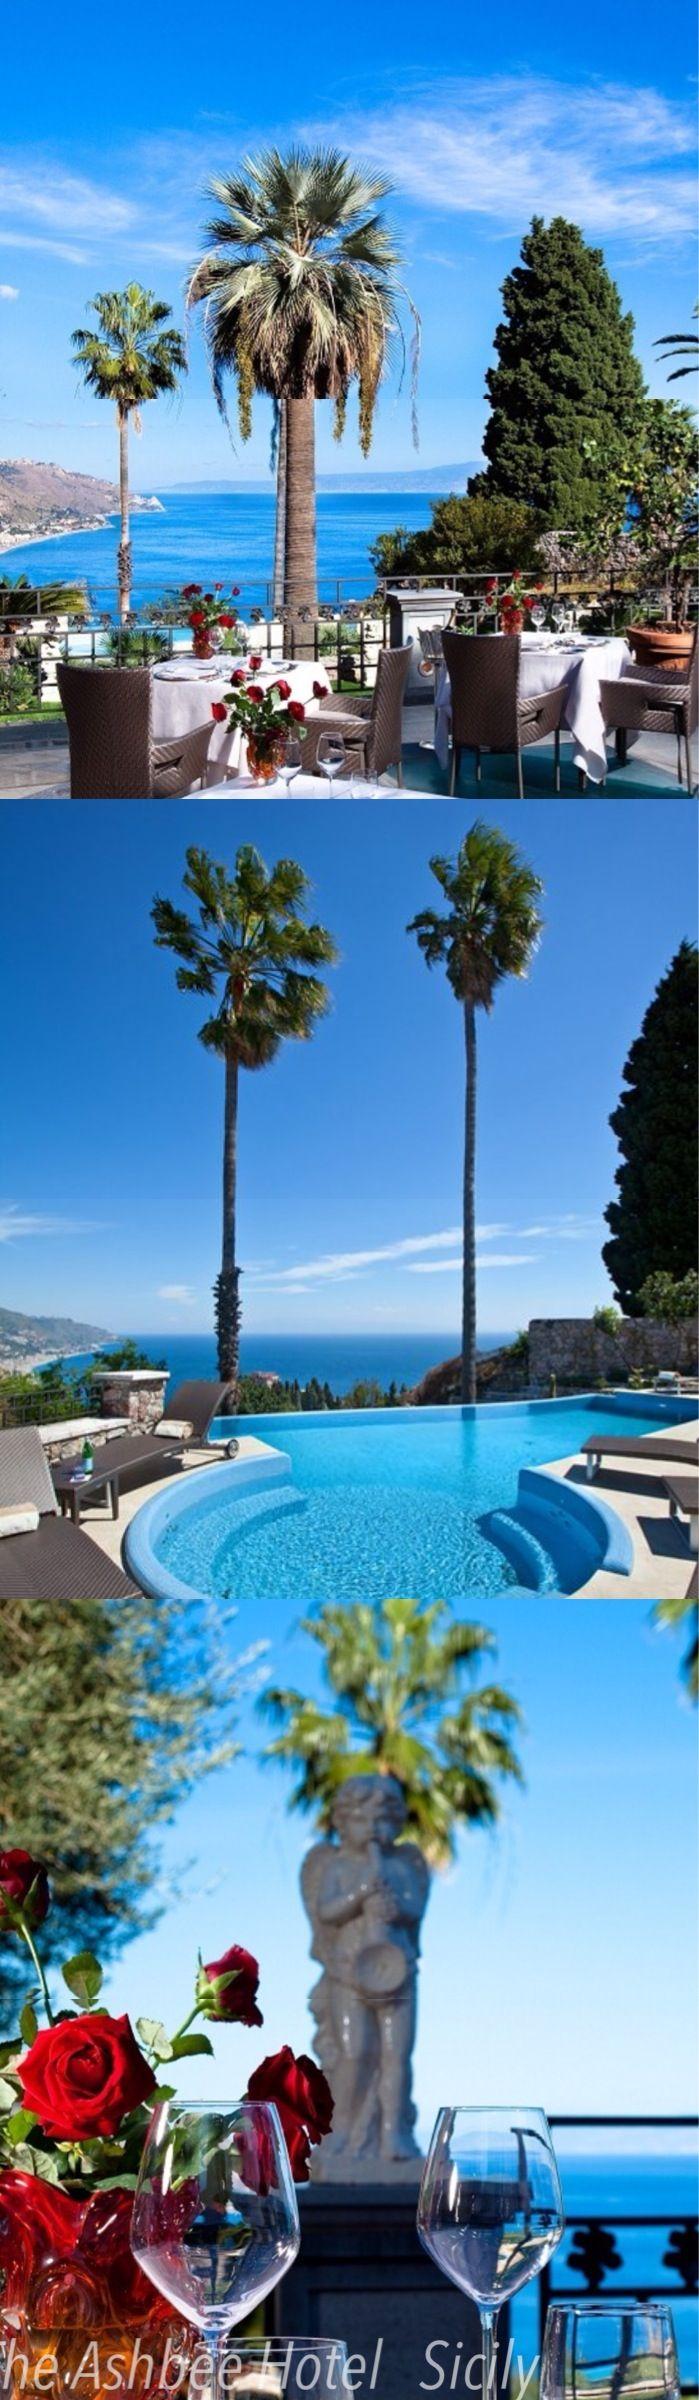 Italy - sicily ashbee hotel